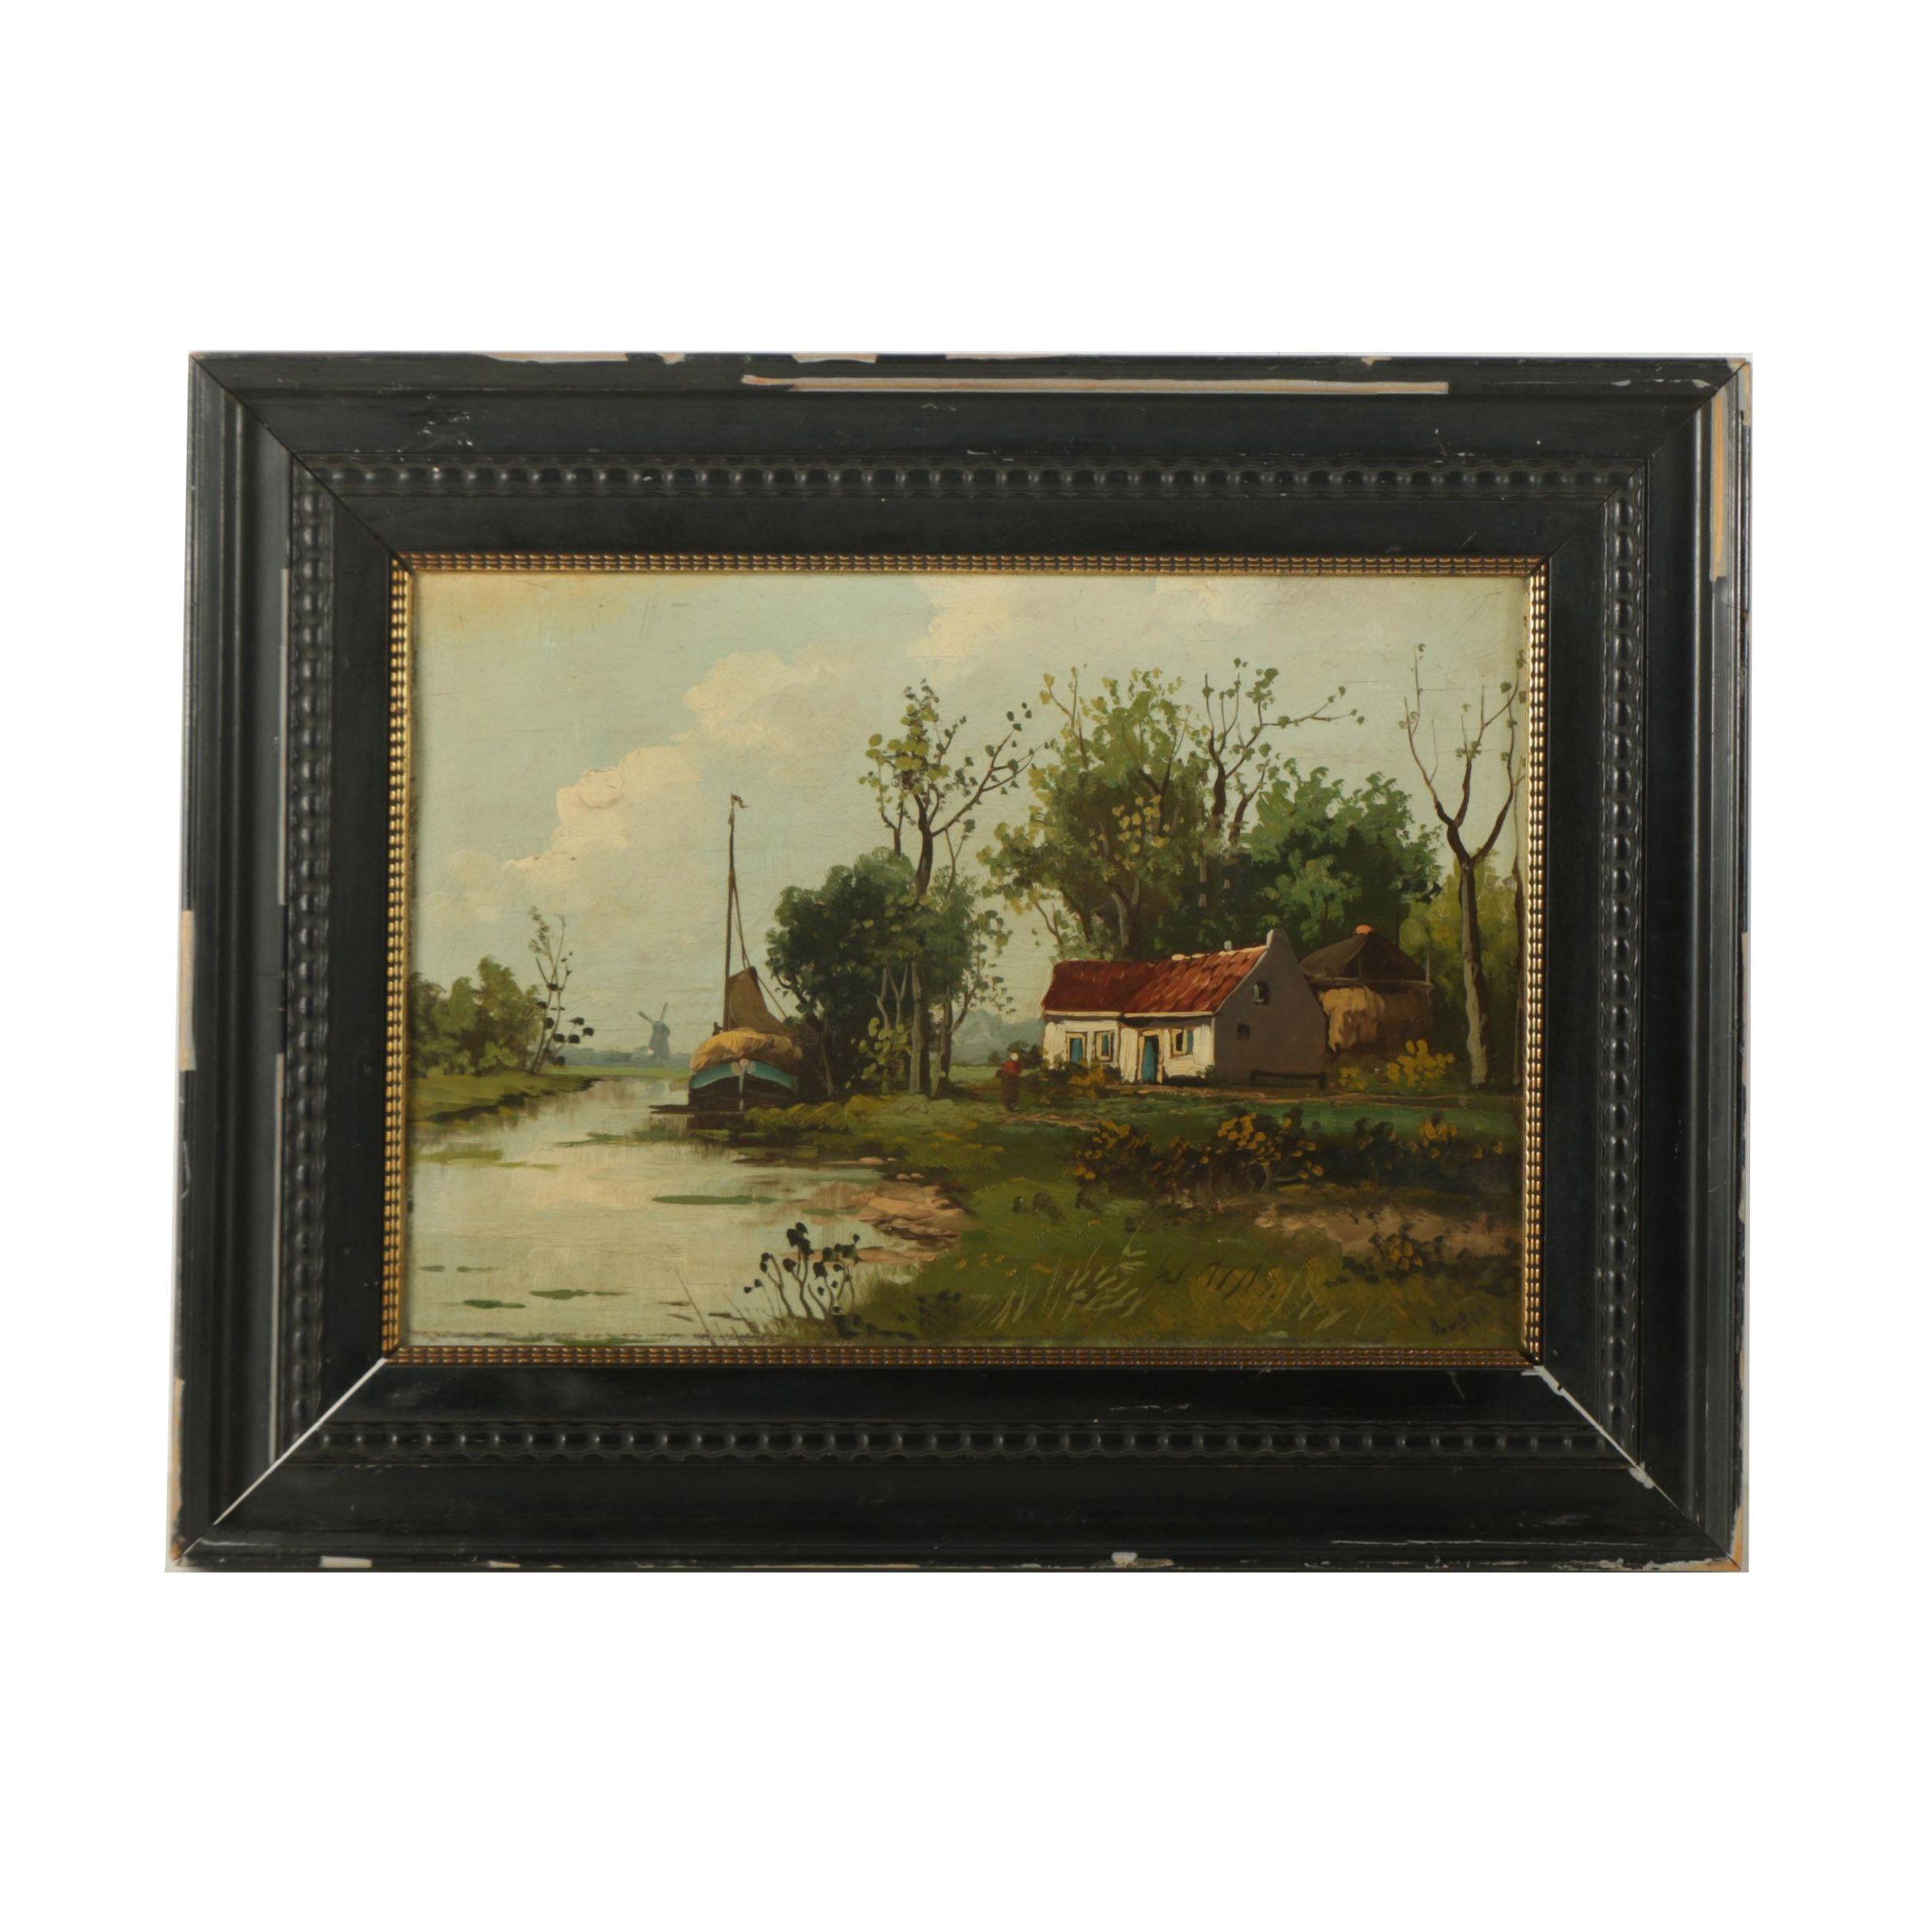 Original Oil Painting on Panel Dutch Landscape